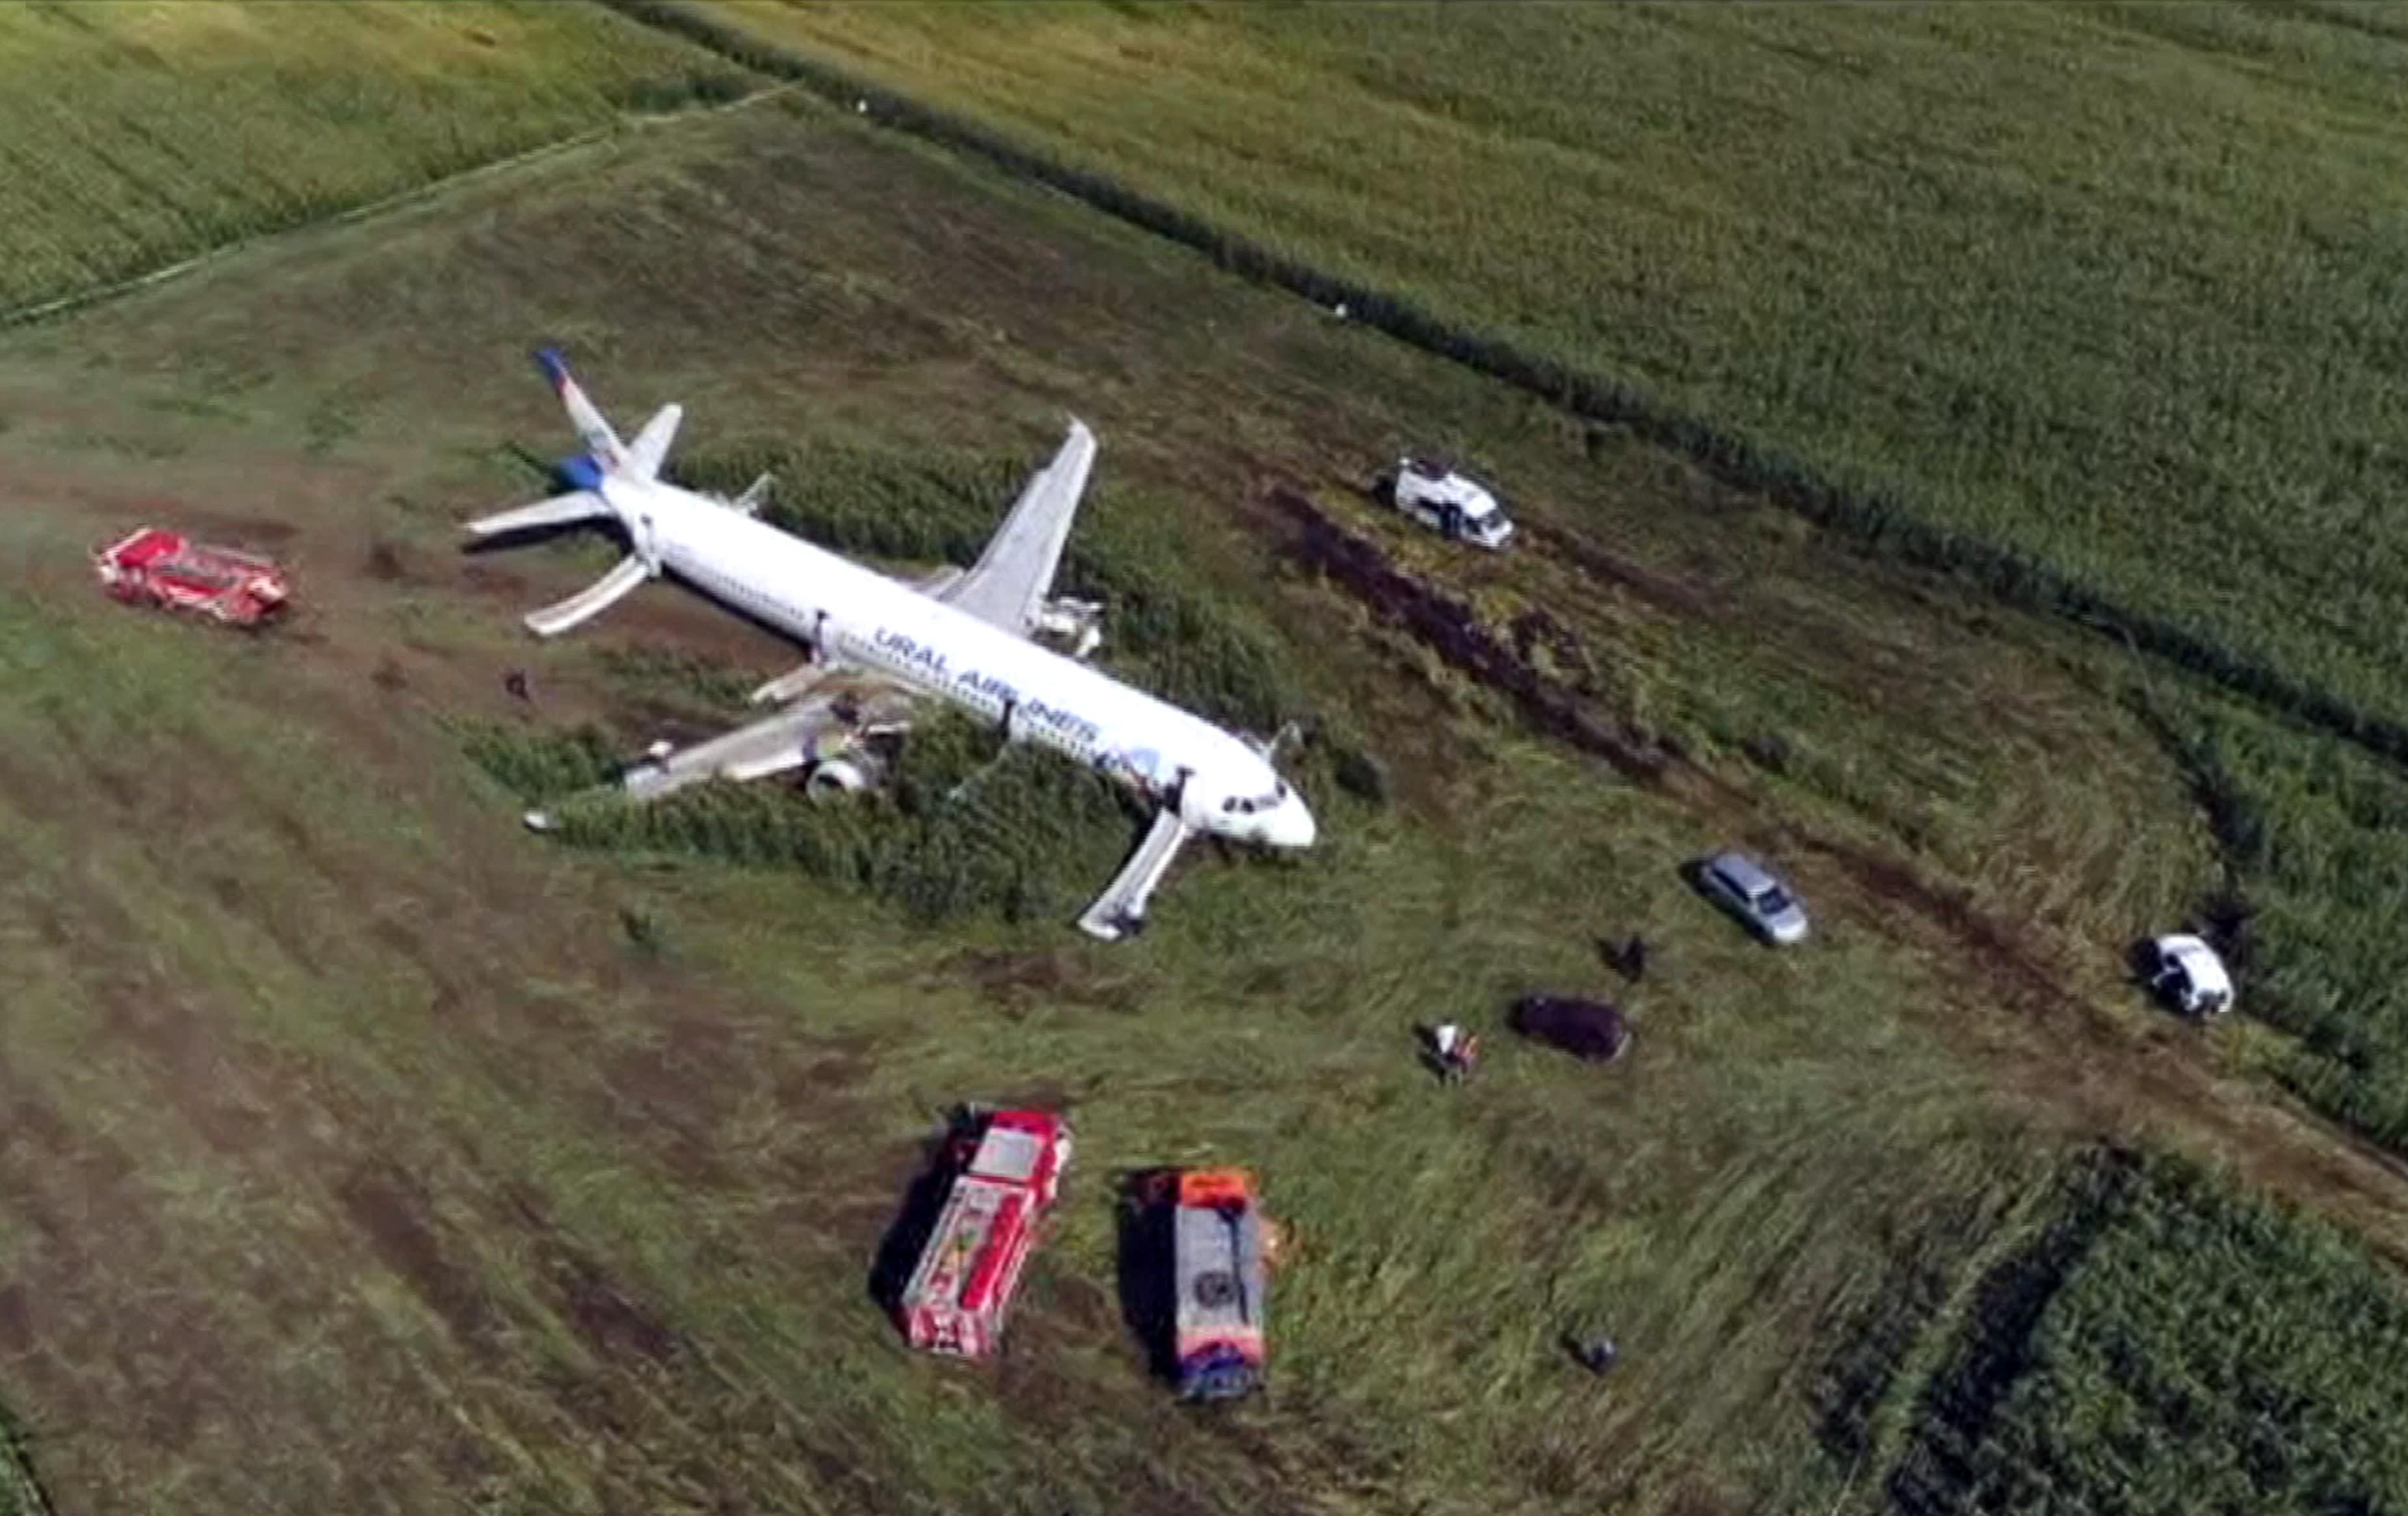 En este video capturado por la televisión rusa RU-RTR, se ve un avión A321 de Russian Ural Airlines después de un aterrizaje de emergencia en un campo de maíz cerca de Ramenskoye, en las afueras de Moscú, Rusia, el jueves 15 de agosto de 2019. A321 de Russian Ural Airlines , que transportaba a 226 pasajeros y una tripulación de siete, chocó con una bandada de pájaros mientras despegaba el jueves desde el aeropuerto Zhukovsky de Moscú. Las autoridades sanitarias rusas dijeron que 23 personas, incluidos cinco niños, han sido hospitalizadas con heridas. (Televisión rusa RU-RTR vía AP)